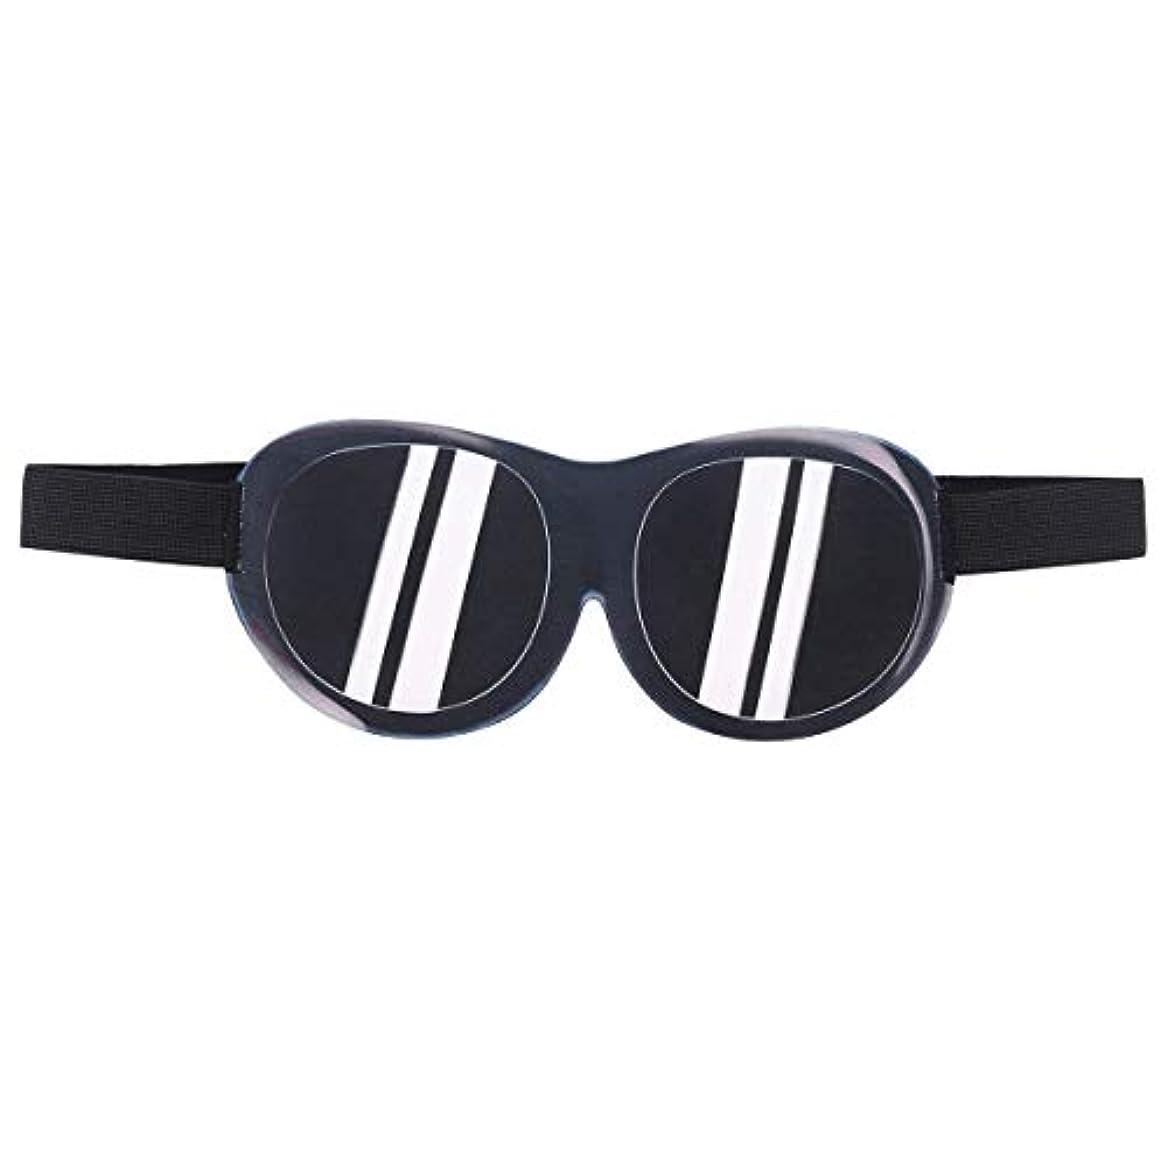 ジャンル契約する乱闘Healifty 睡眠目隠し3D面白いアイシェード通気性睡眠マスク旅行睡眠ヘルパーアイシェード用男性と女性